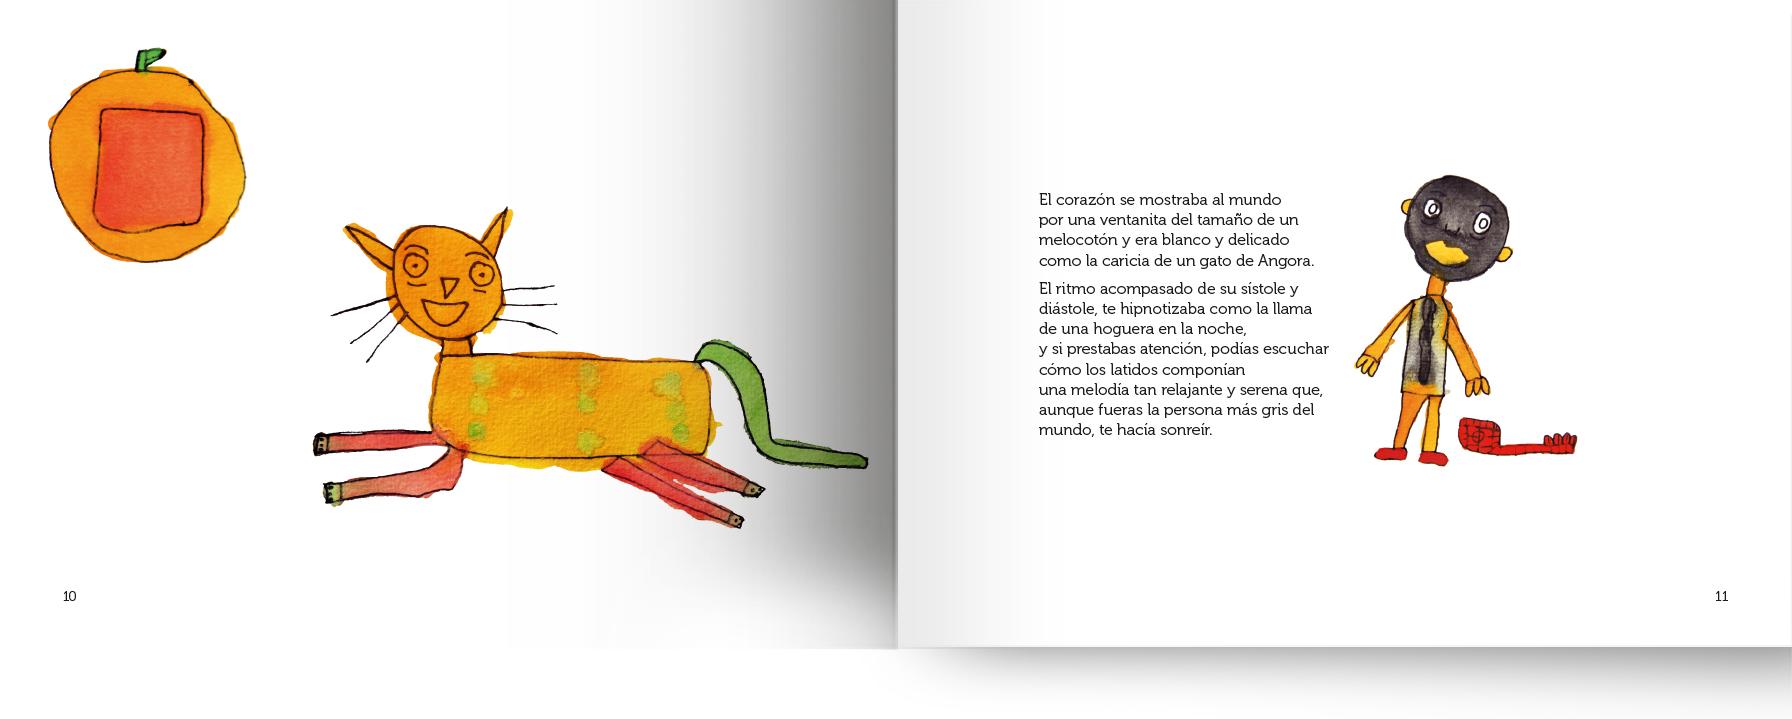 Lacabezadelrinoceronte-Libro-La-niña-algodón-acoso-escolar